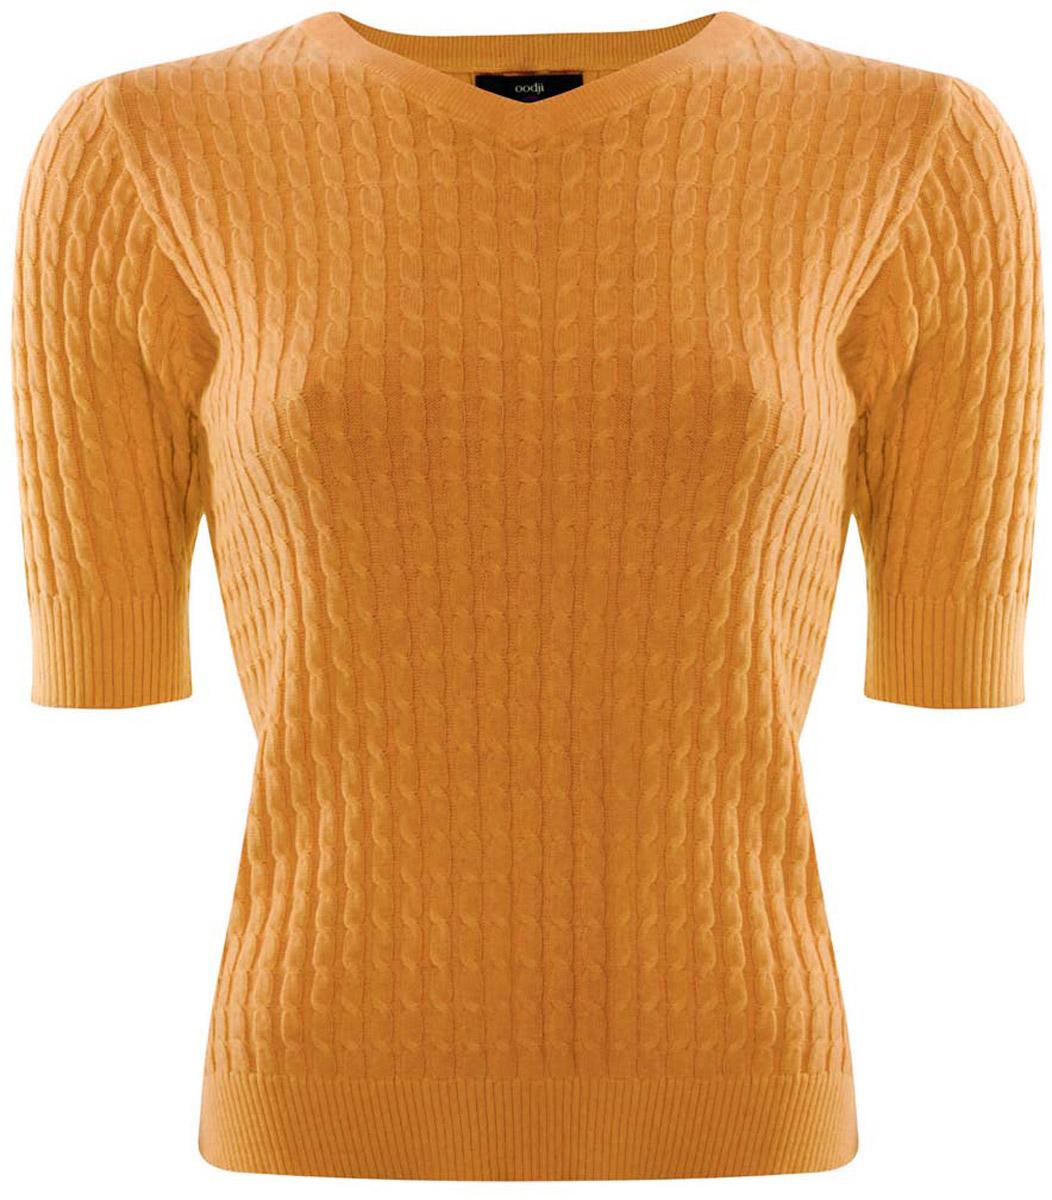 Джемпер женский oodji Ultra, цвет: темно-желтый. 63812518-1/42361/5200N. Размер S (44)63812518-1/42361/5200NДжемпер женский oodji Ultra изготовлен из натурального хлопка с добавлением полиамида. Модель выполнена с рукавами до локтя и V-образным вырезом. Горловина, низ джемпера и рукавов связаны резинкой, по бокам имеются небольшие разрезы.